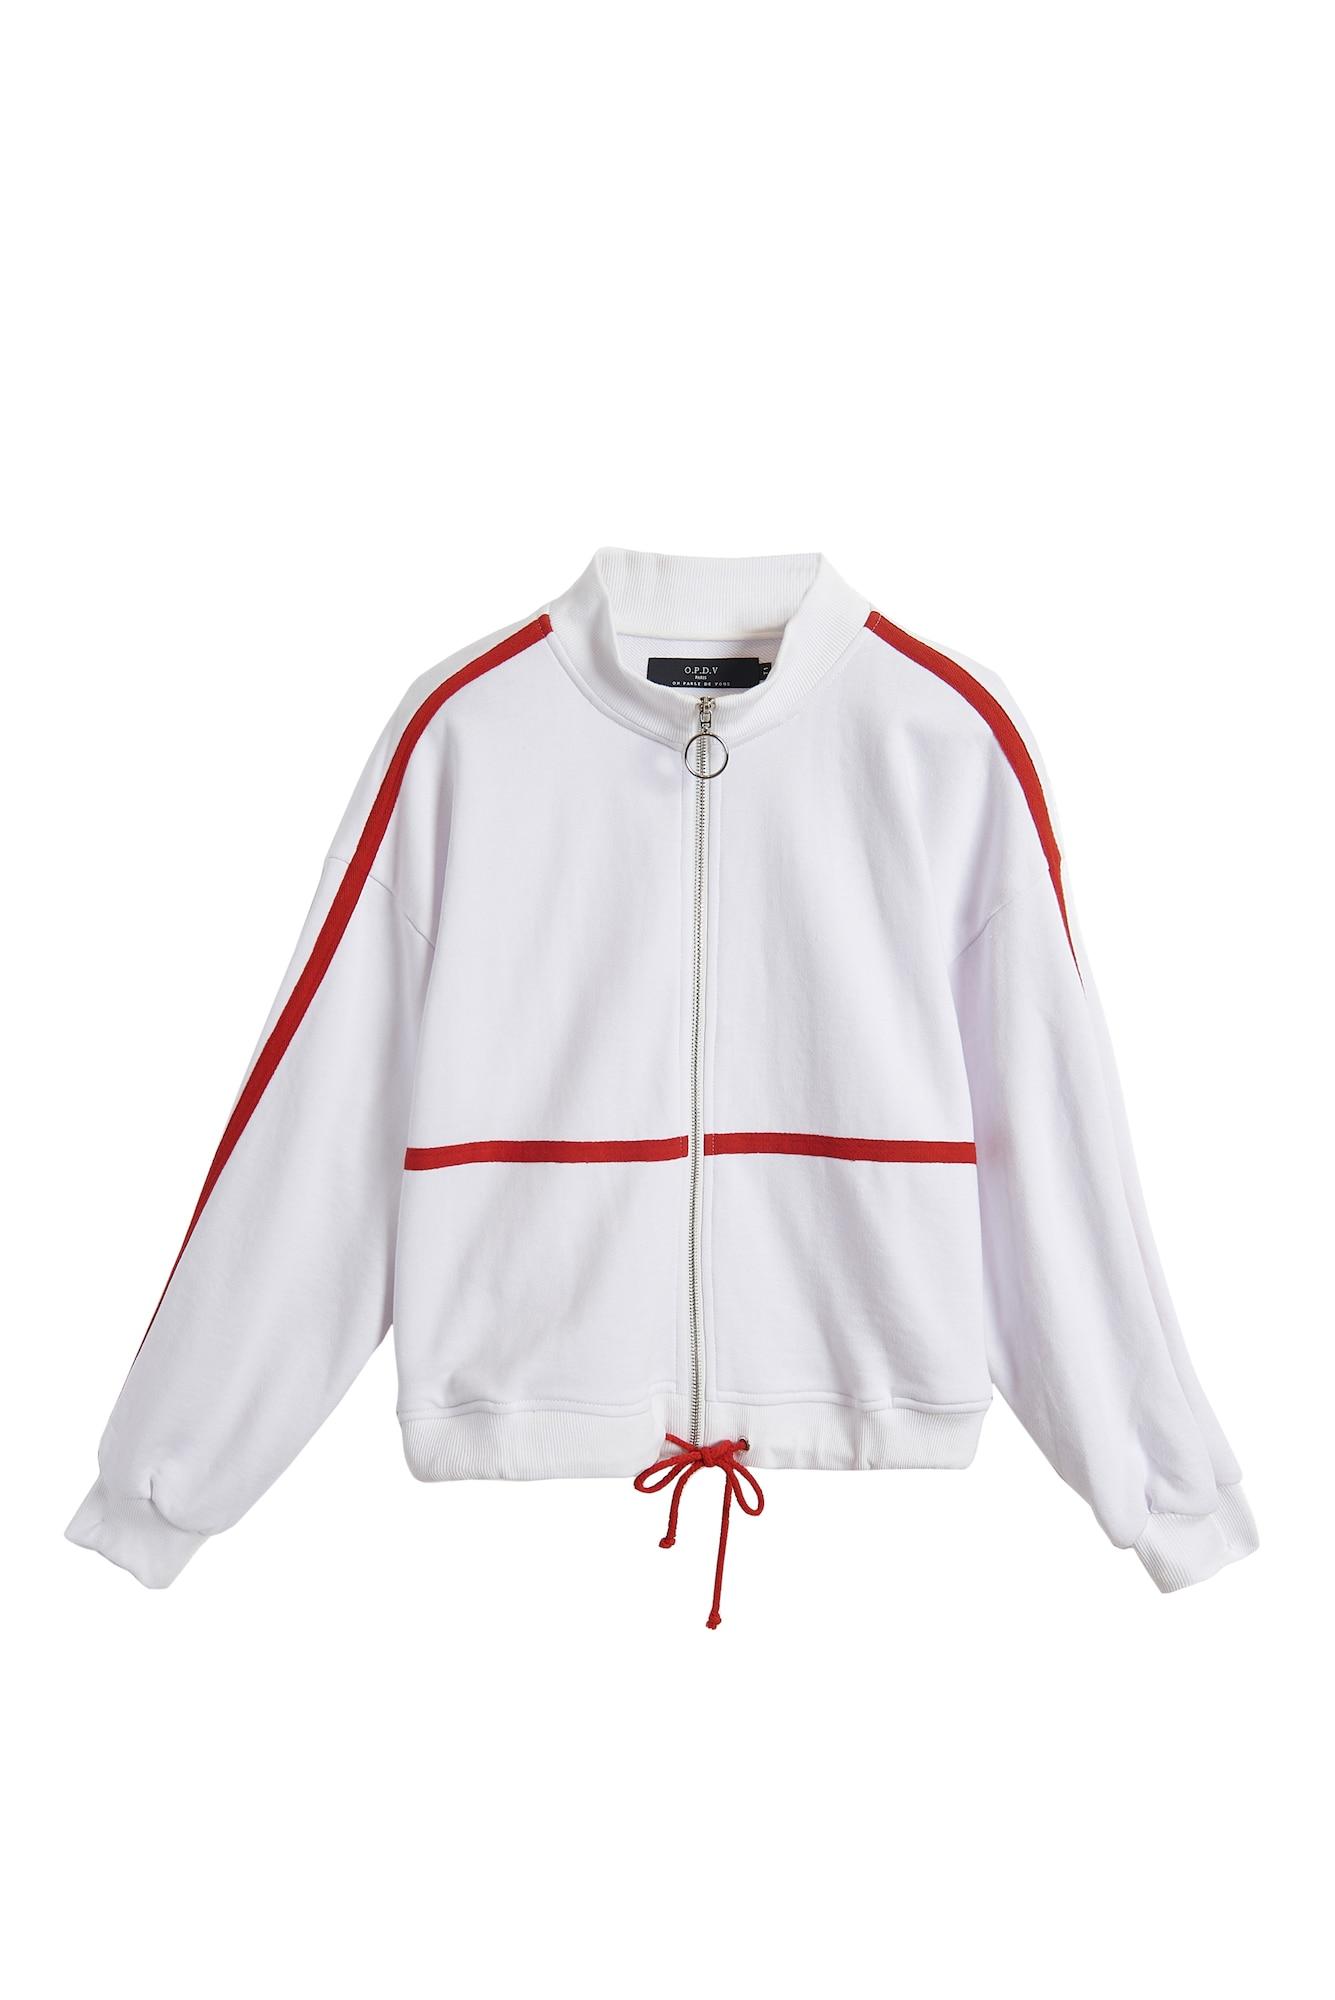 Jacke Trikot Sportbekleidung ' 19061 '   Sportbekleidung > Sportkleider   ON PARLE DE VOUS